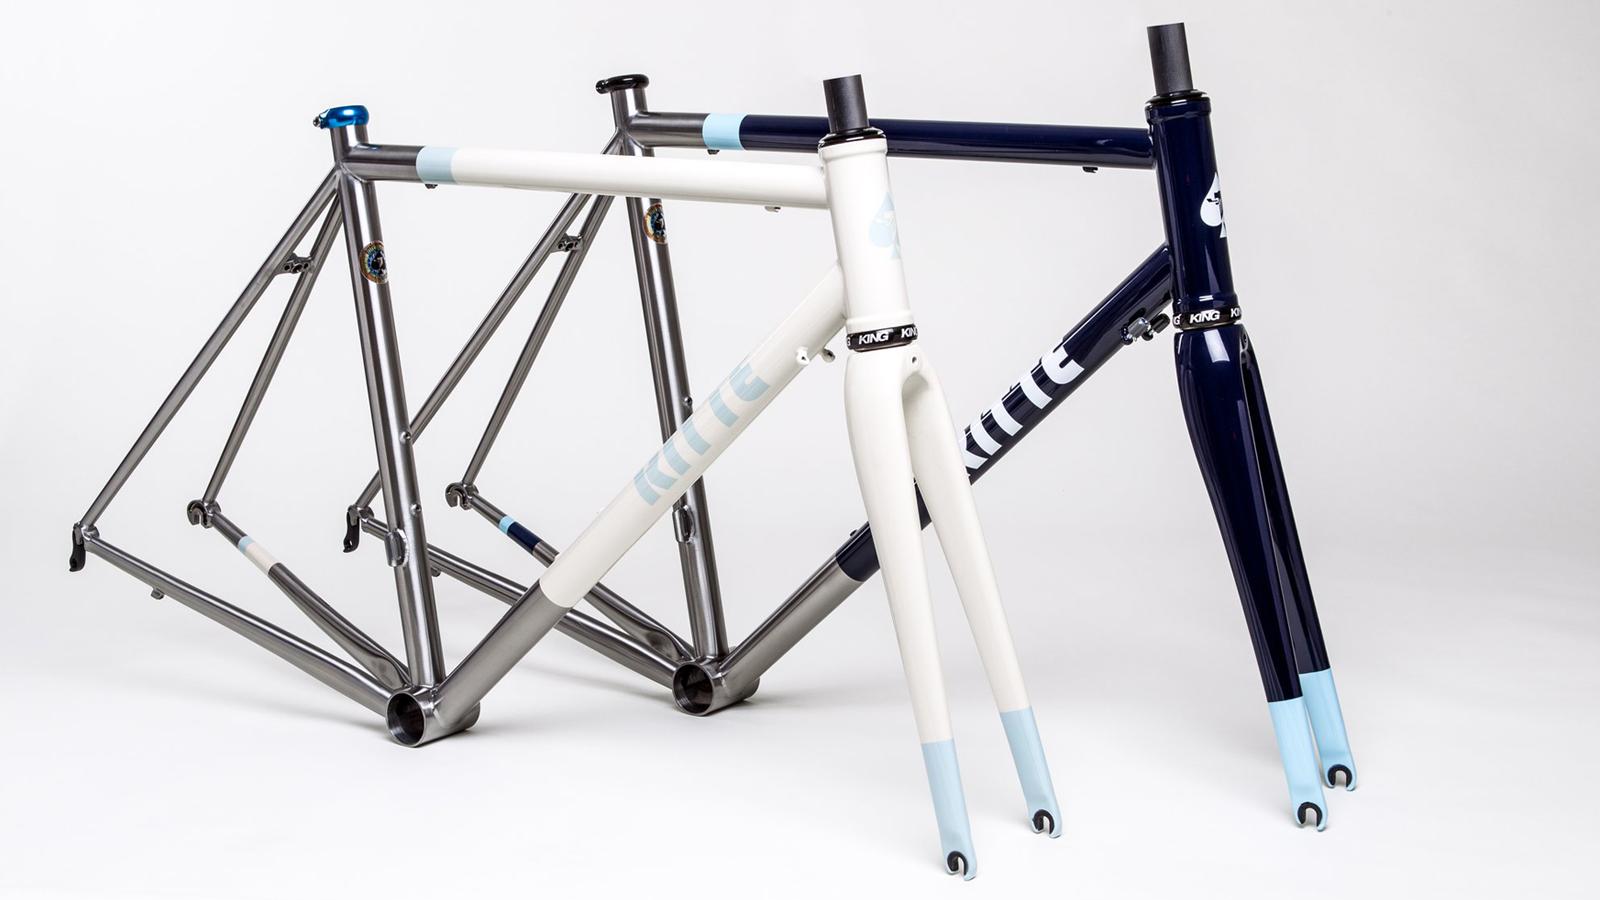 Best steel bikes: Ritte